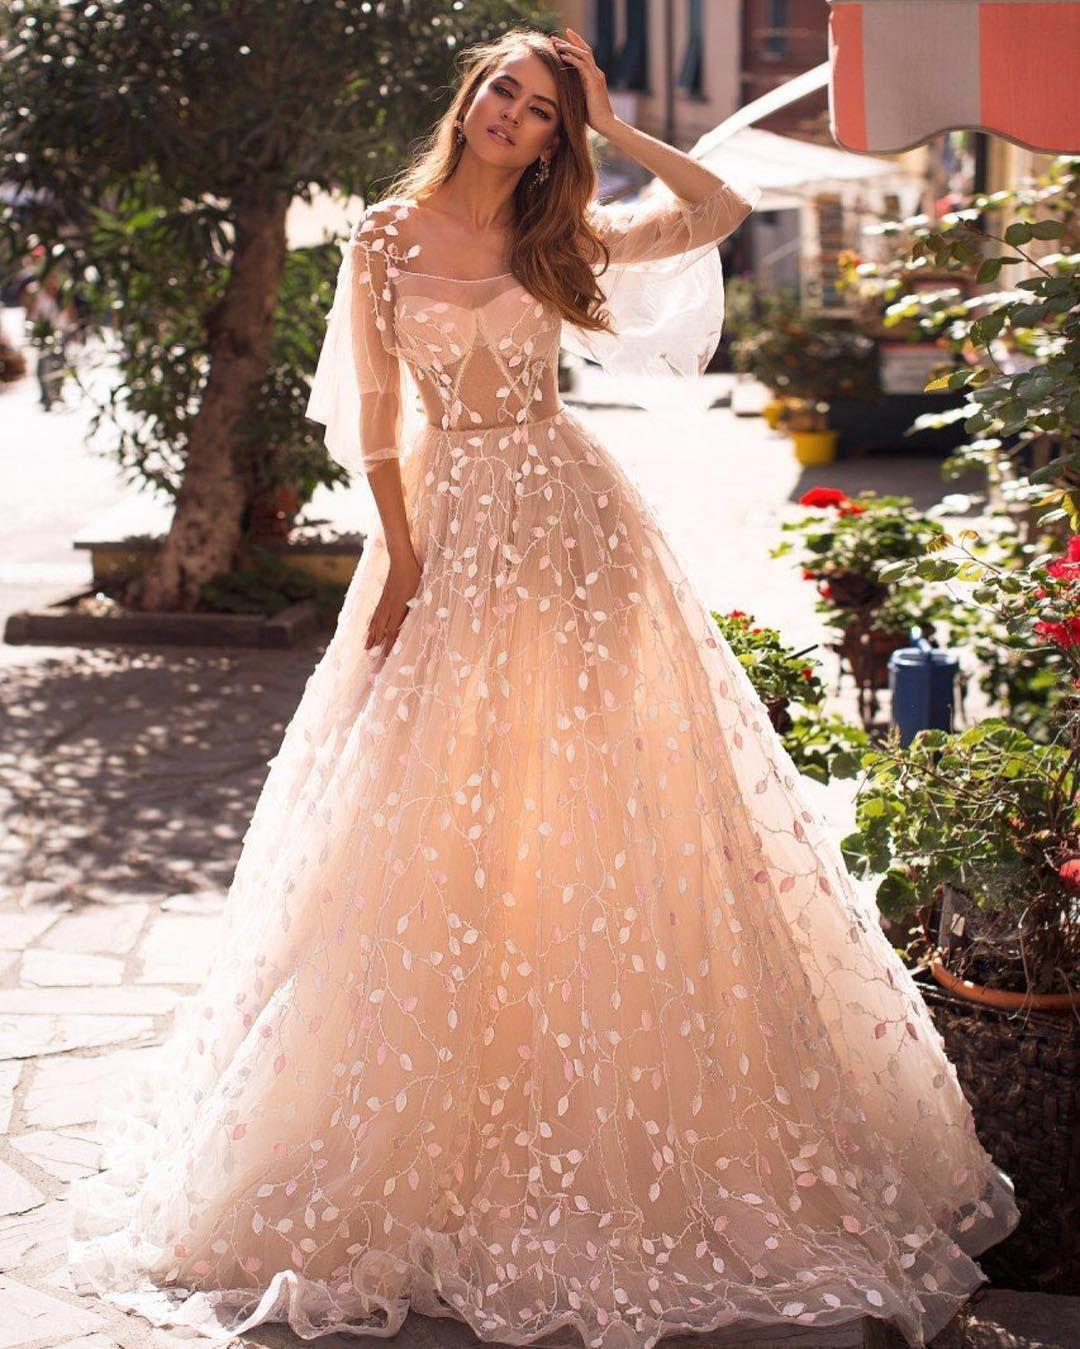 Unique Wedding Dresses With Color: 16 Unique Ideas About Nontraditional Wedding Dress